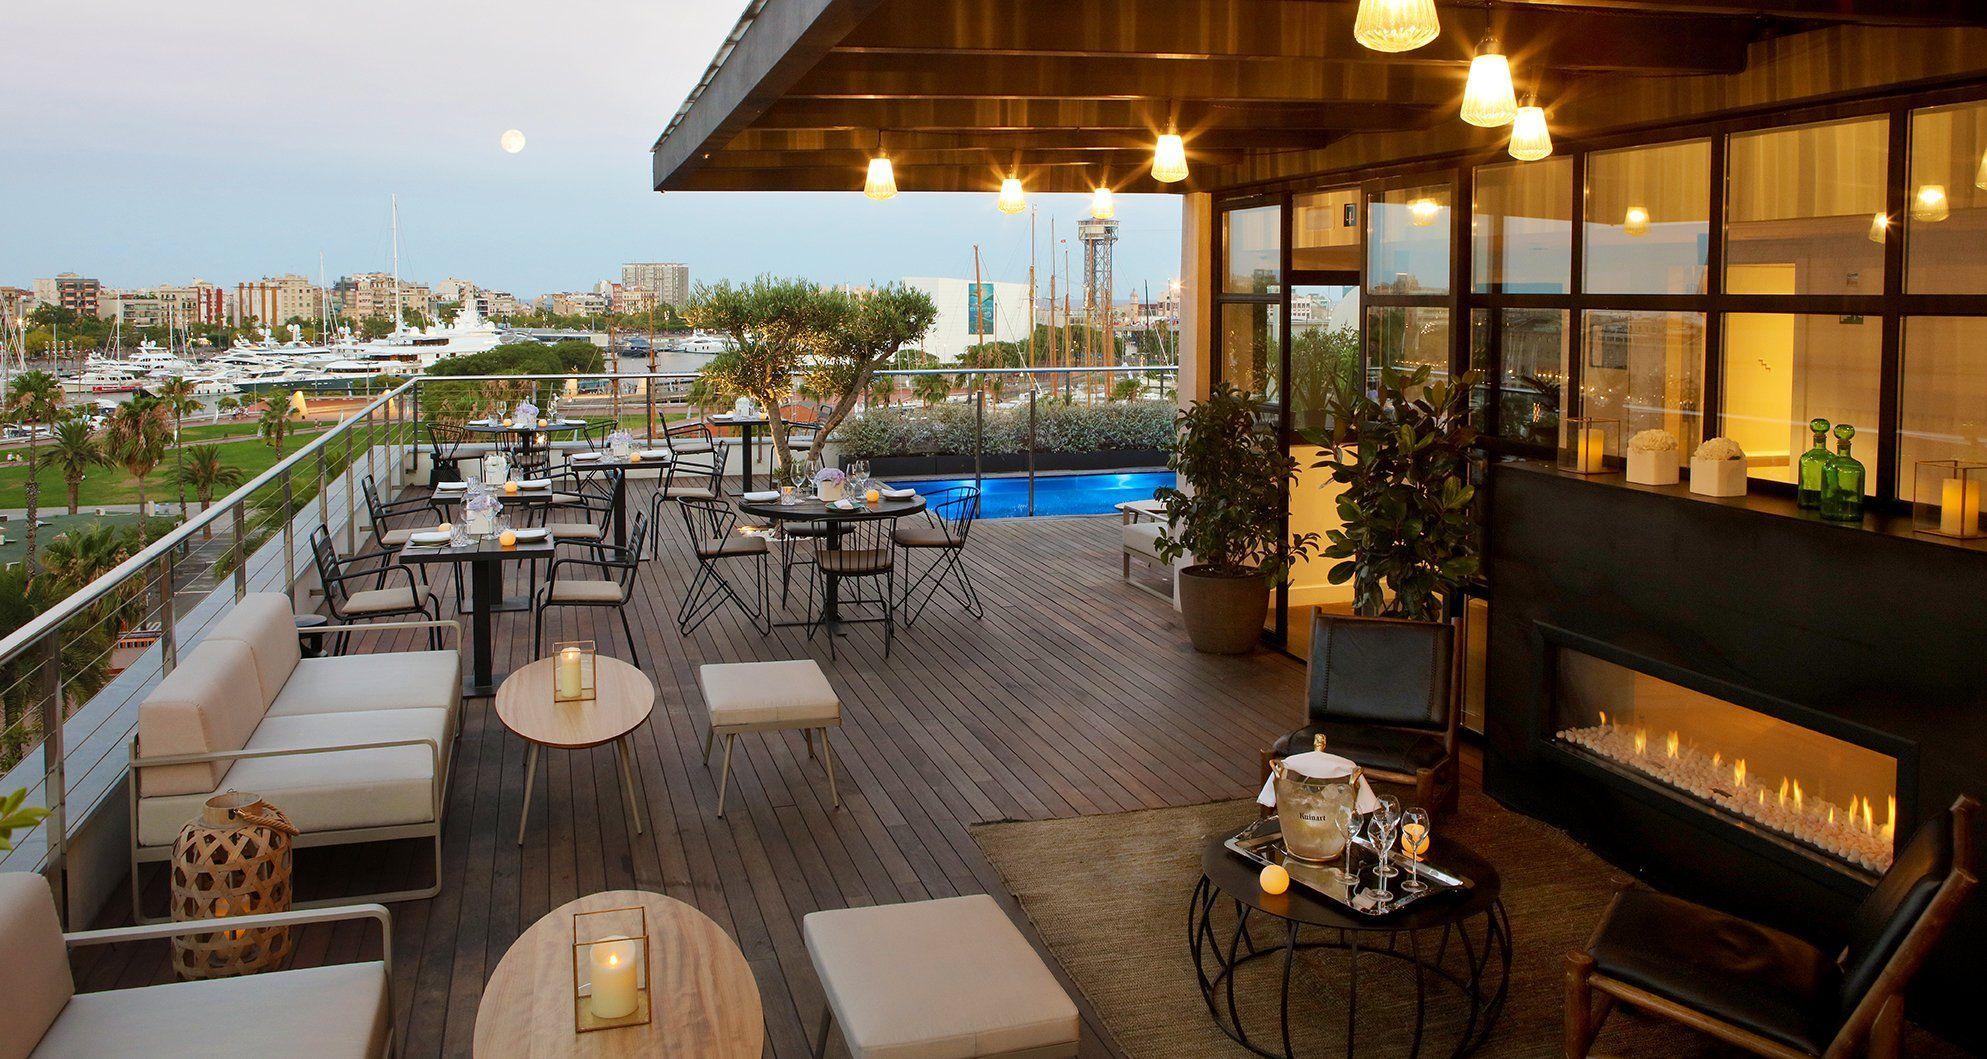 las mejores terrazas de hotel en barcelona 2018 terrazeo. Black Bedroom Furniture Sets. Home Design Ideas